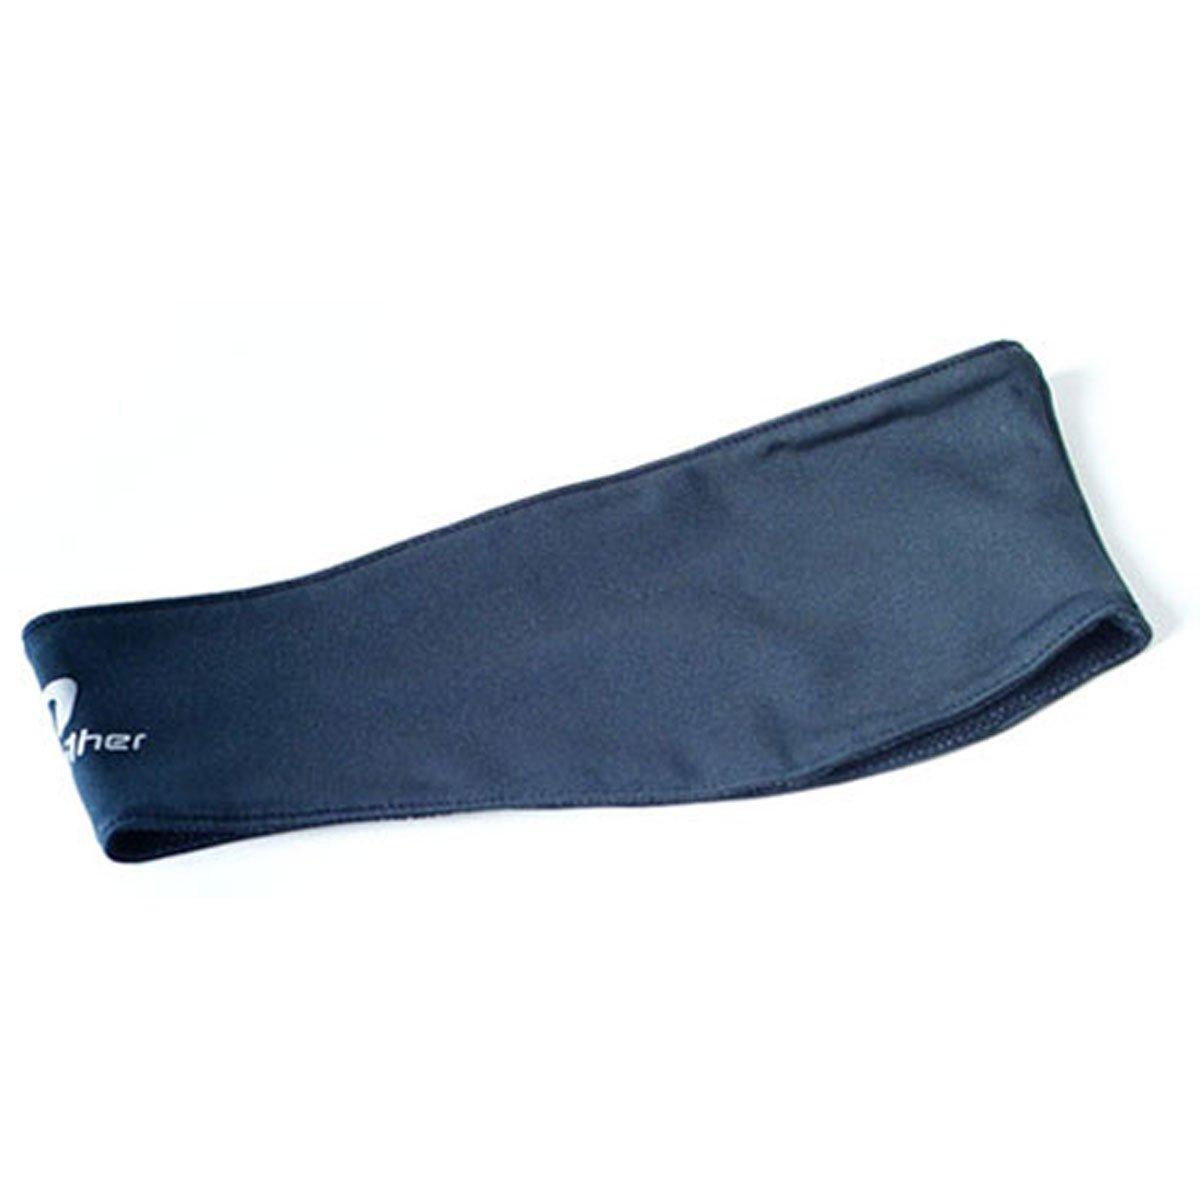 Bellwether Mütze Headband, schwarz, One Größe, B-9206